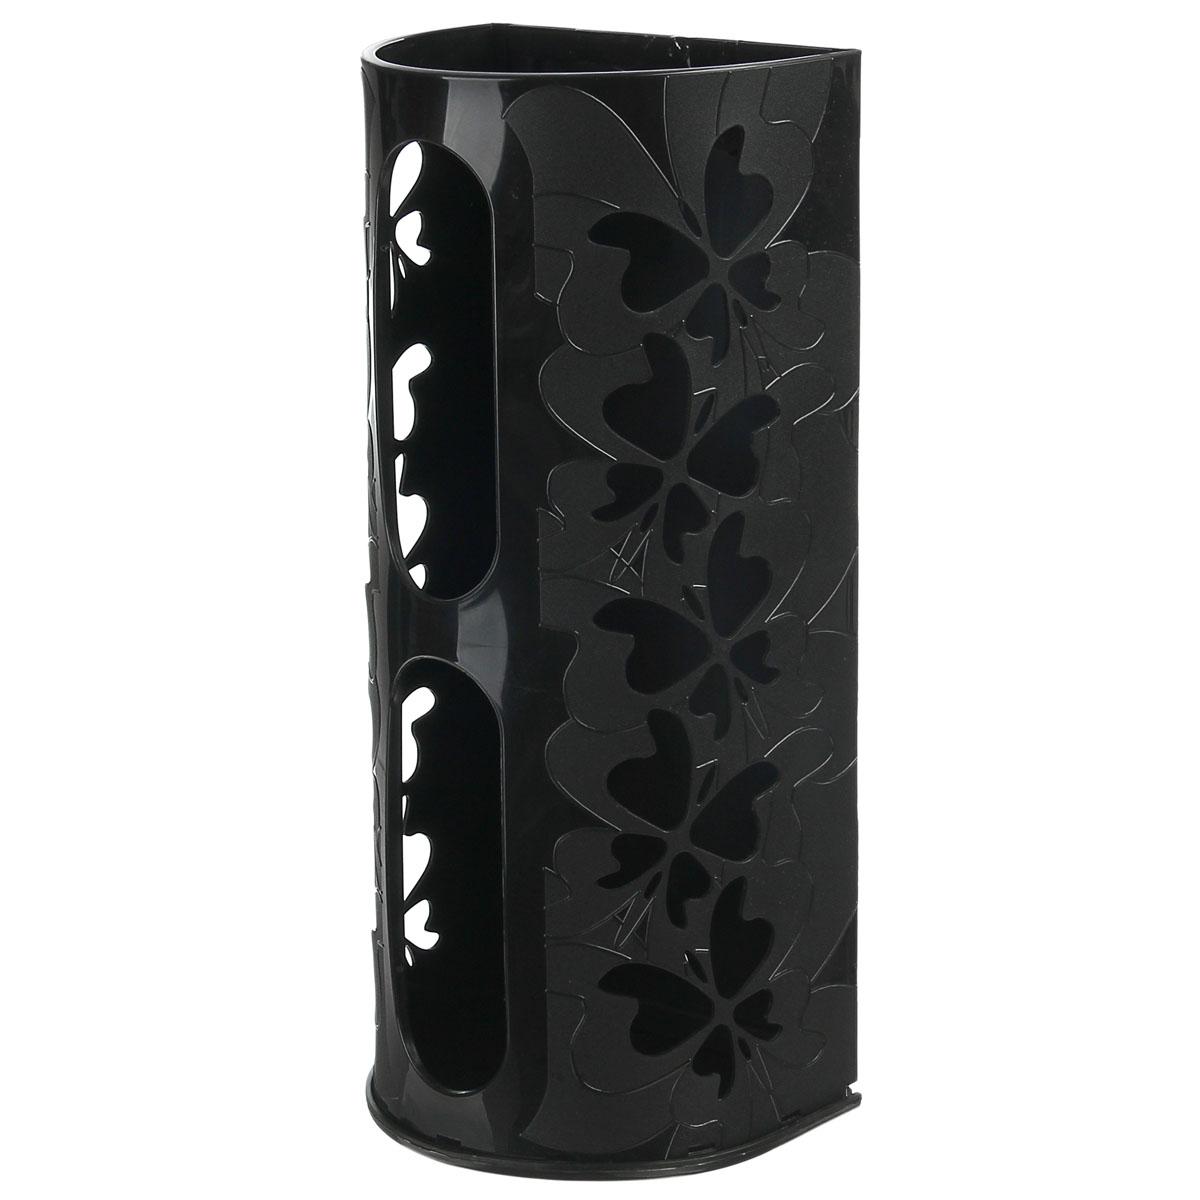 Корзина для пакетов Berossi Fly, цвет: черный12723Корзина для пакетов Berossi Fly, изготовлена из высококачественного пластика. Эта практичная корзина наведет порядок в кладовке или кухонном шкафу и позволит хранить пластиковые пакеты или хозяйственные сумочки во всегда доступном месте! Изделие декорировано резным изображением бабочек. Корзина просто подвешивается на дверь шкафчика изнутри или снаружи, в зависимости от назначения. Корзина для пакетов Berossi Fly будет замечательным подарком для поддержания чистоты и порядка. Она сэкономит место, гармонично впишется в интерьер и будет радовать вас уникальным дизайном.Размер корзины (в собранном виде): 37 х 13 х 16 см.